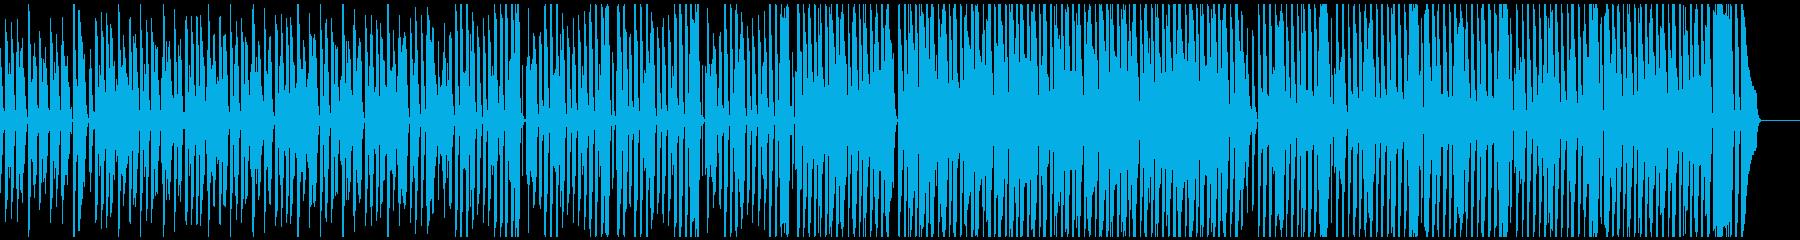 ピアノ口笛リコーダーなど ほのぼのした曲の再生済みの波形